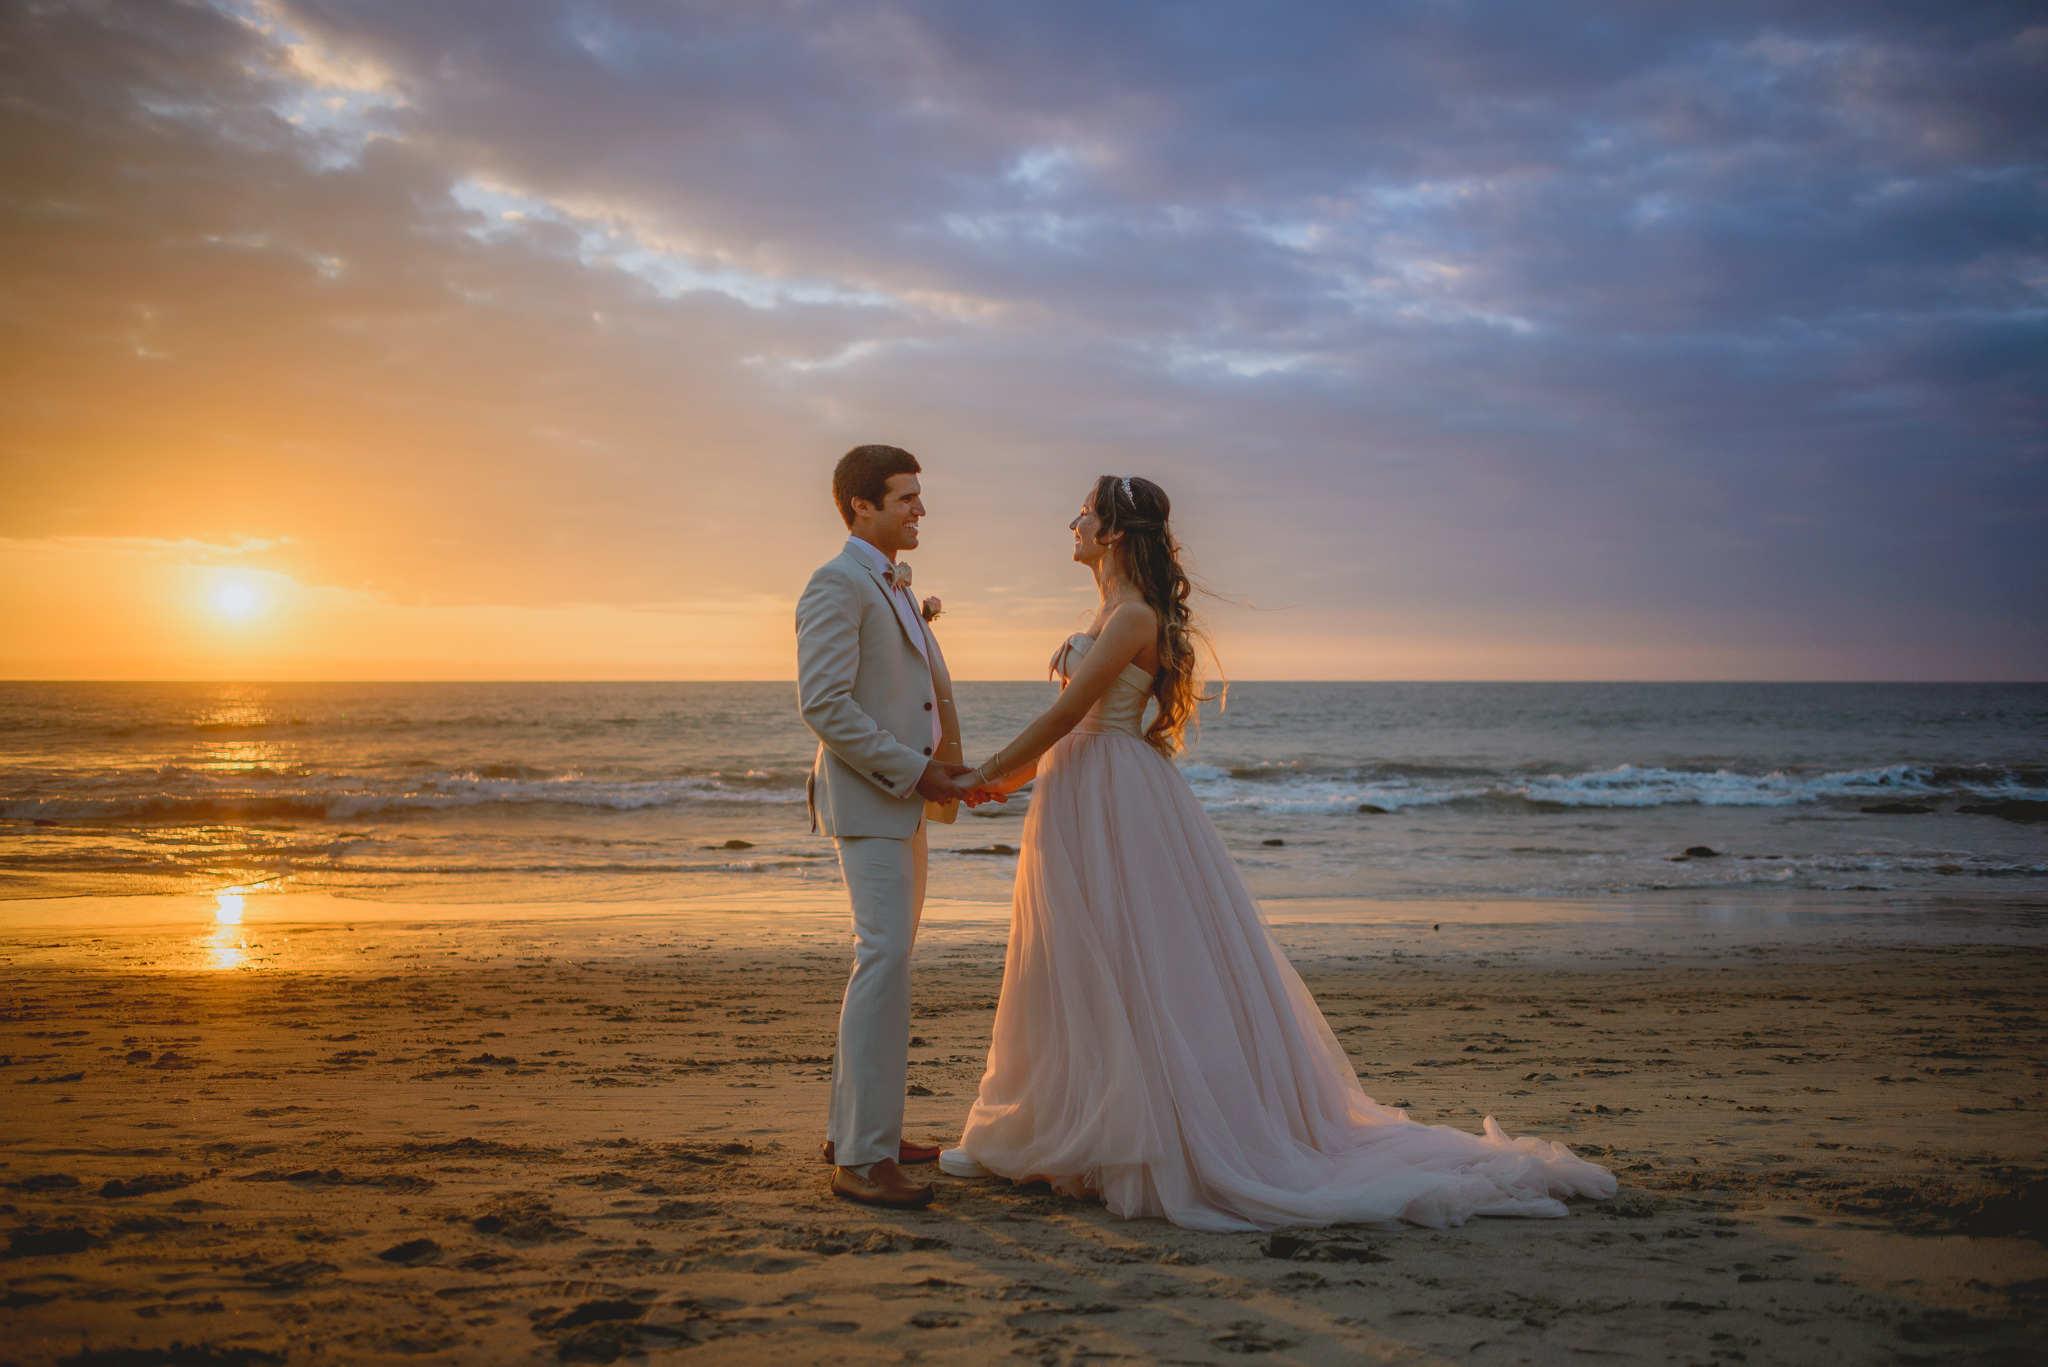 gloria y carlos, fotografia de boda en piura, fotografia de boda en playa, mancora, vichayito, punta sal, punta veleros, punta sal, fotografia de boda, erick ruiz